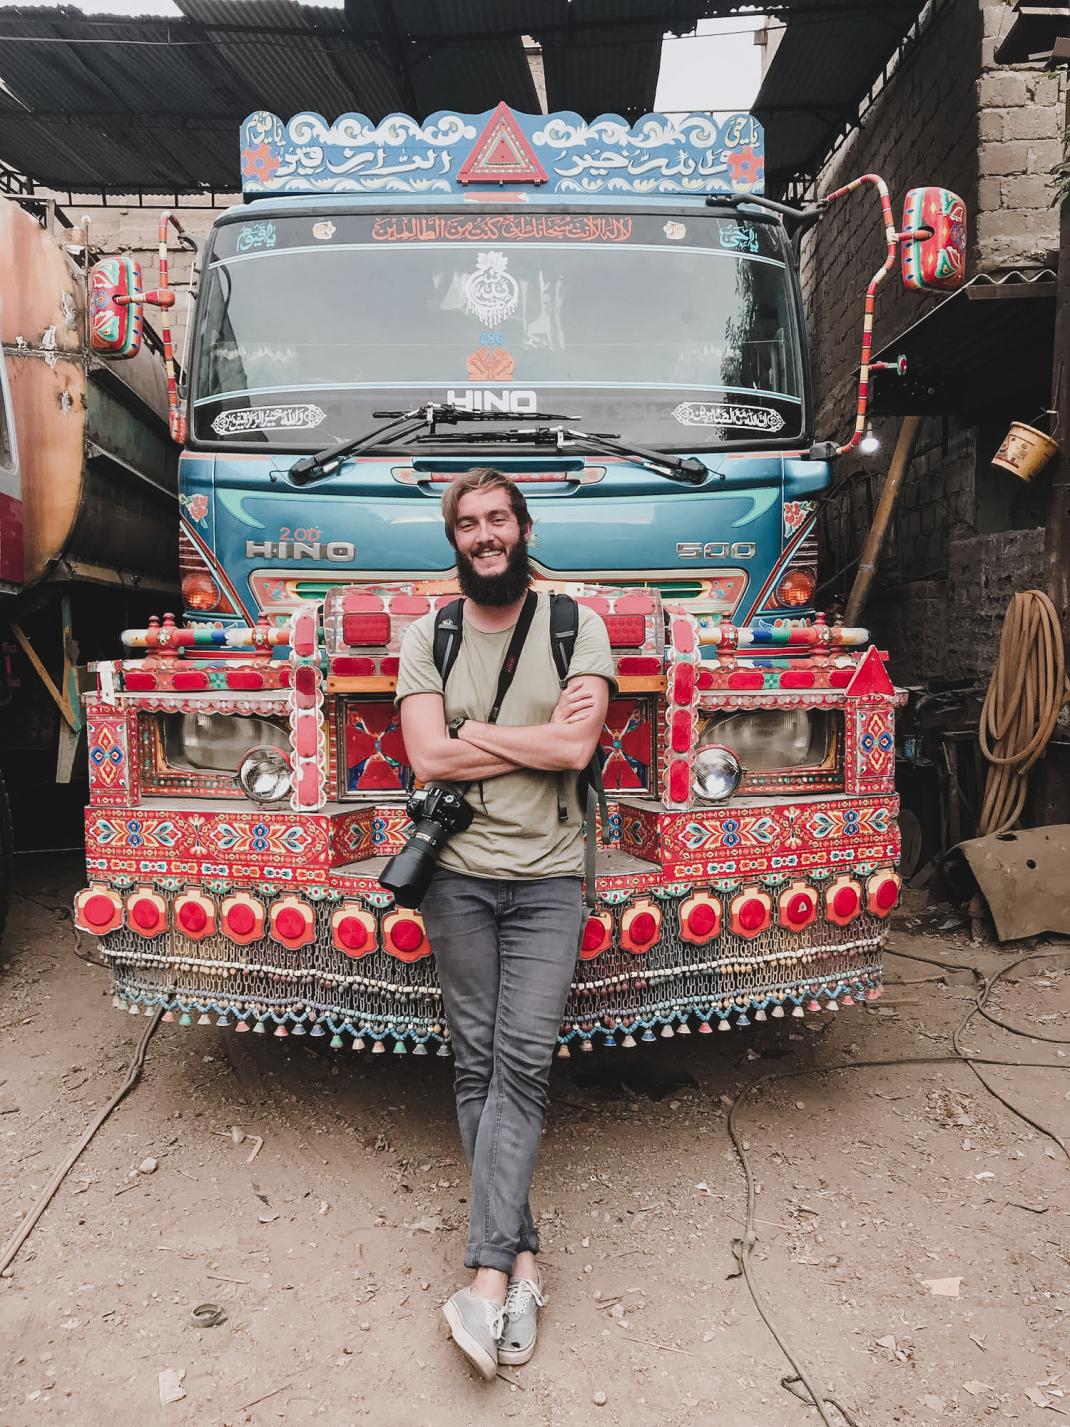 Pakistanische Trucks sind meist sehr bunt und detailreich verziert.